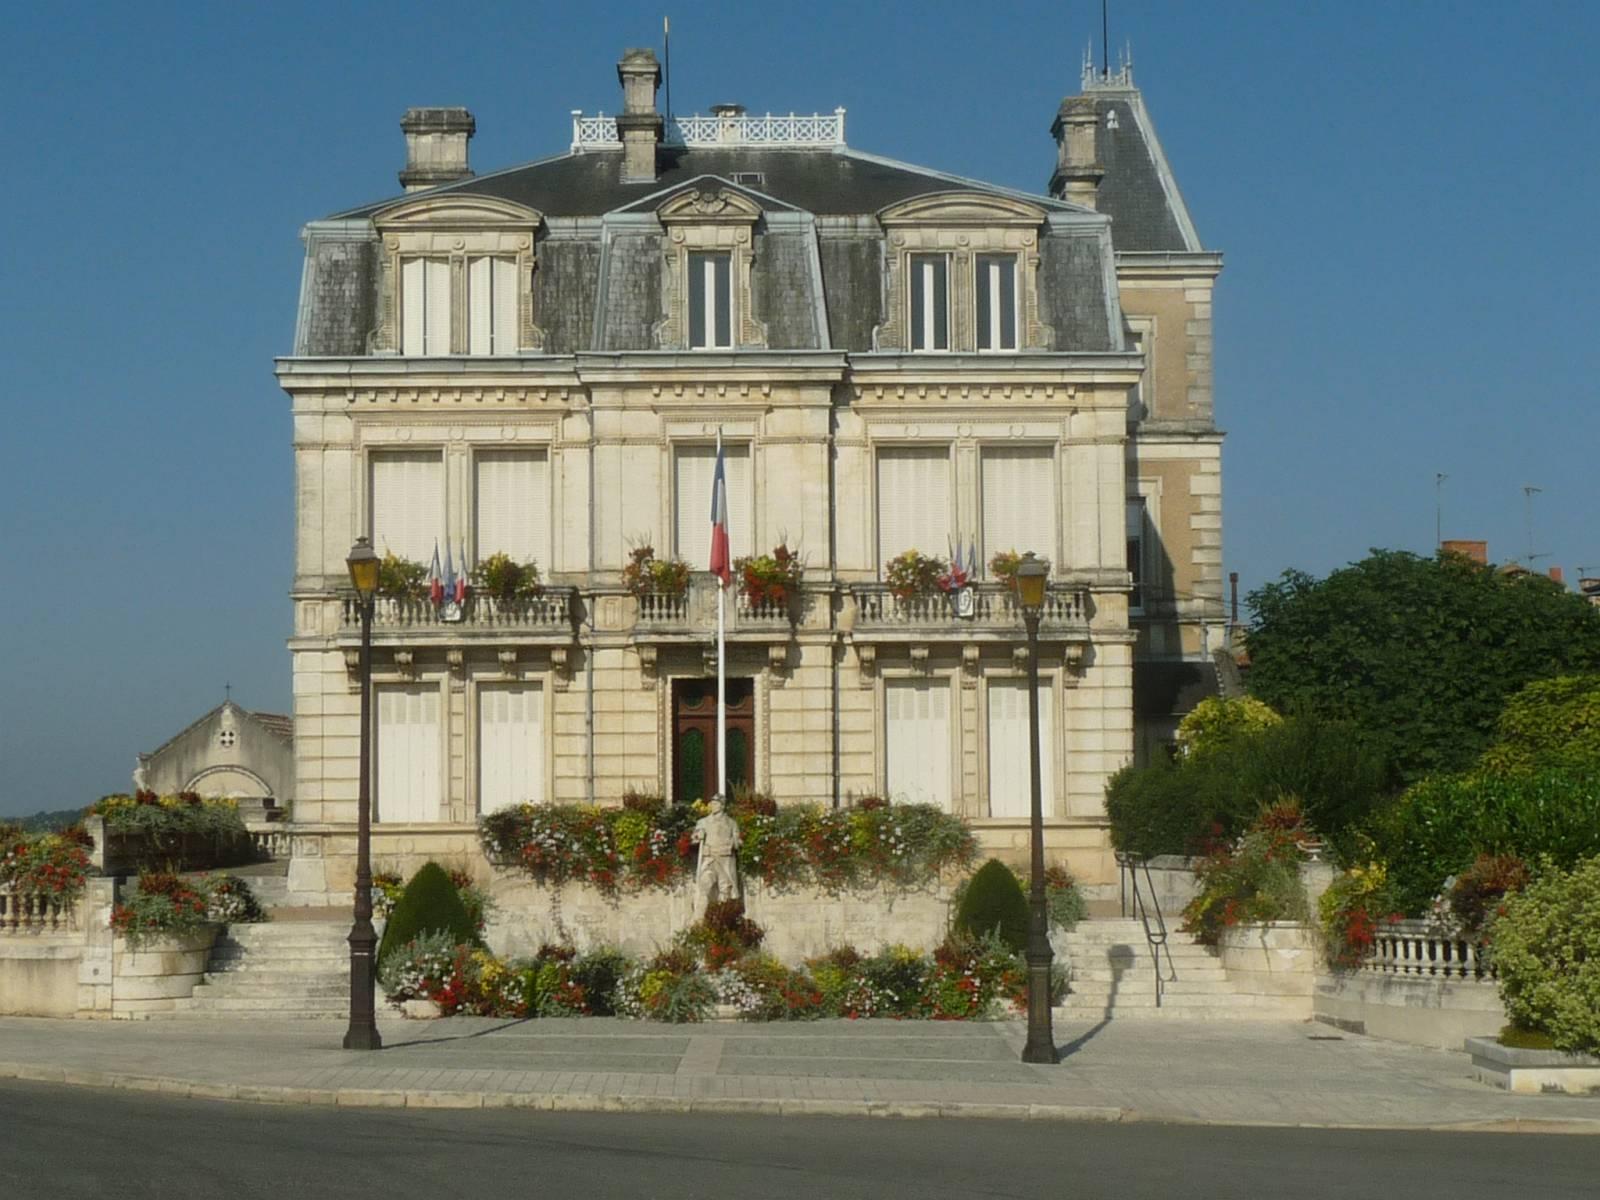 Hôtel de ville de Montbron.